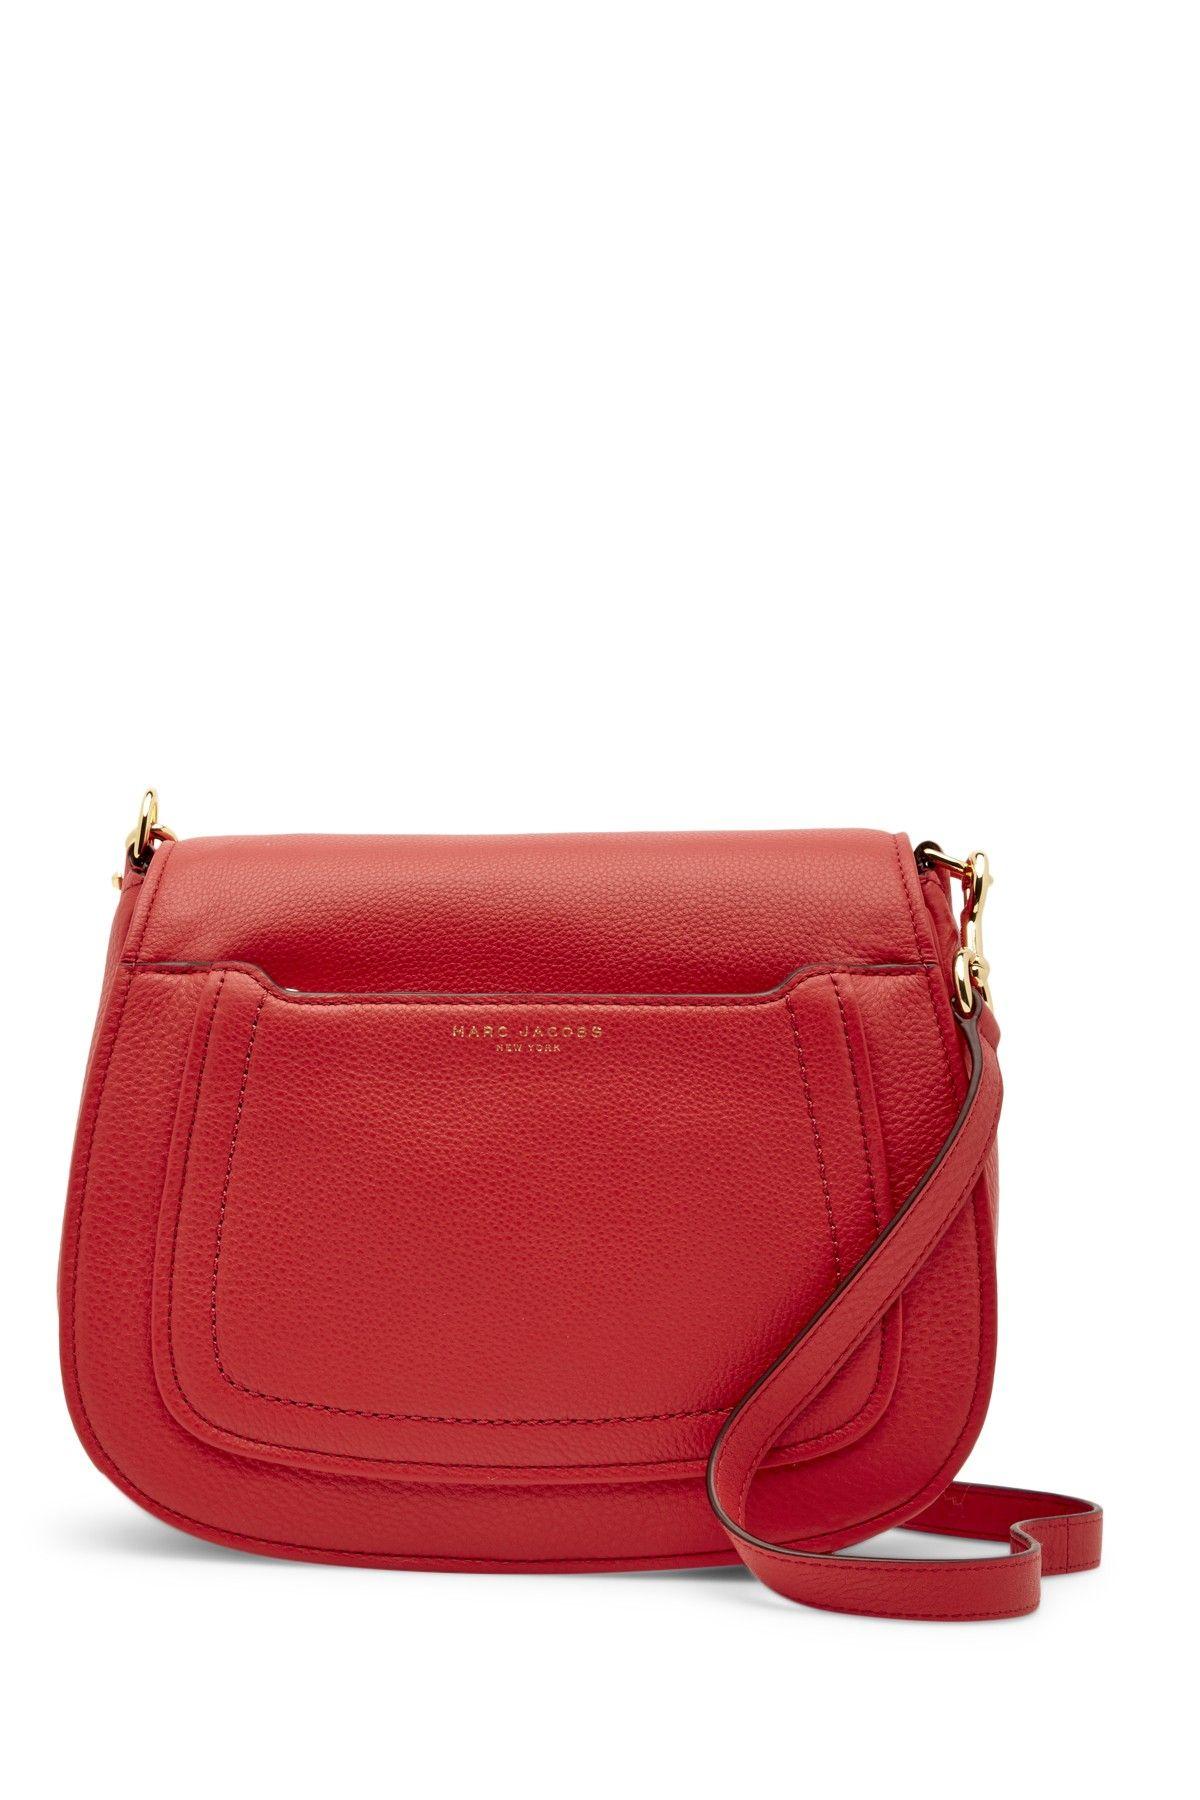 f3084dd07e09 Empire City Messenger Leather Crossbody Bag Empire